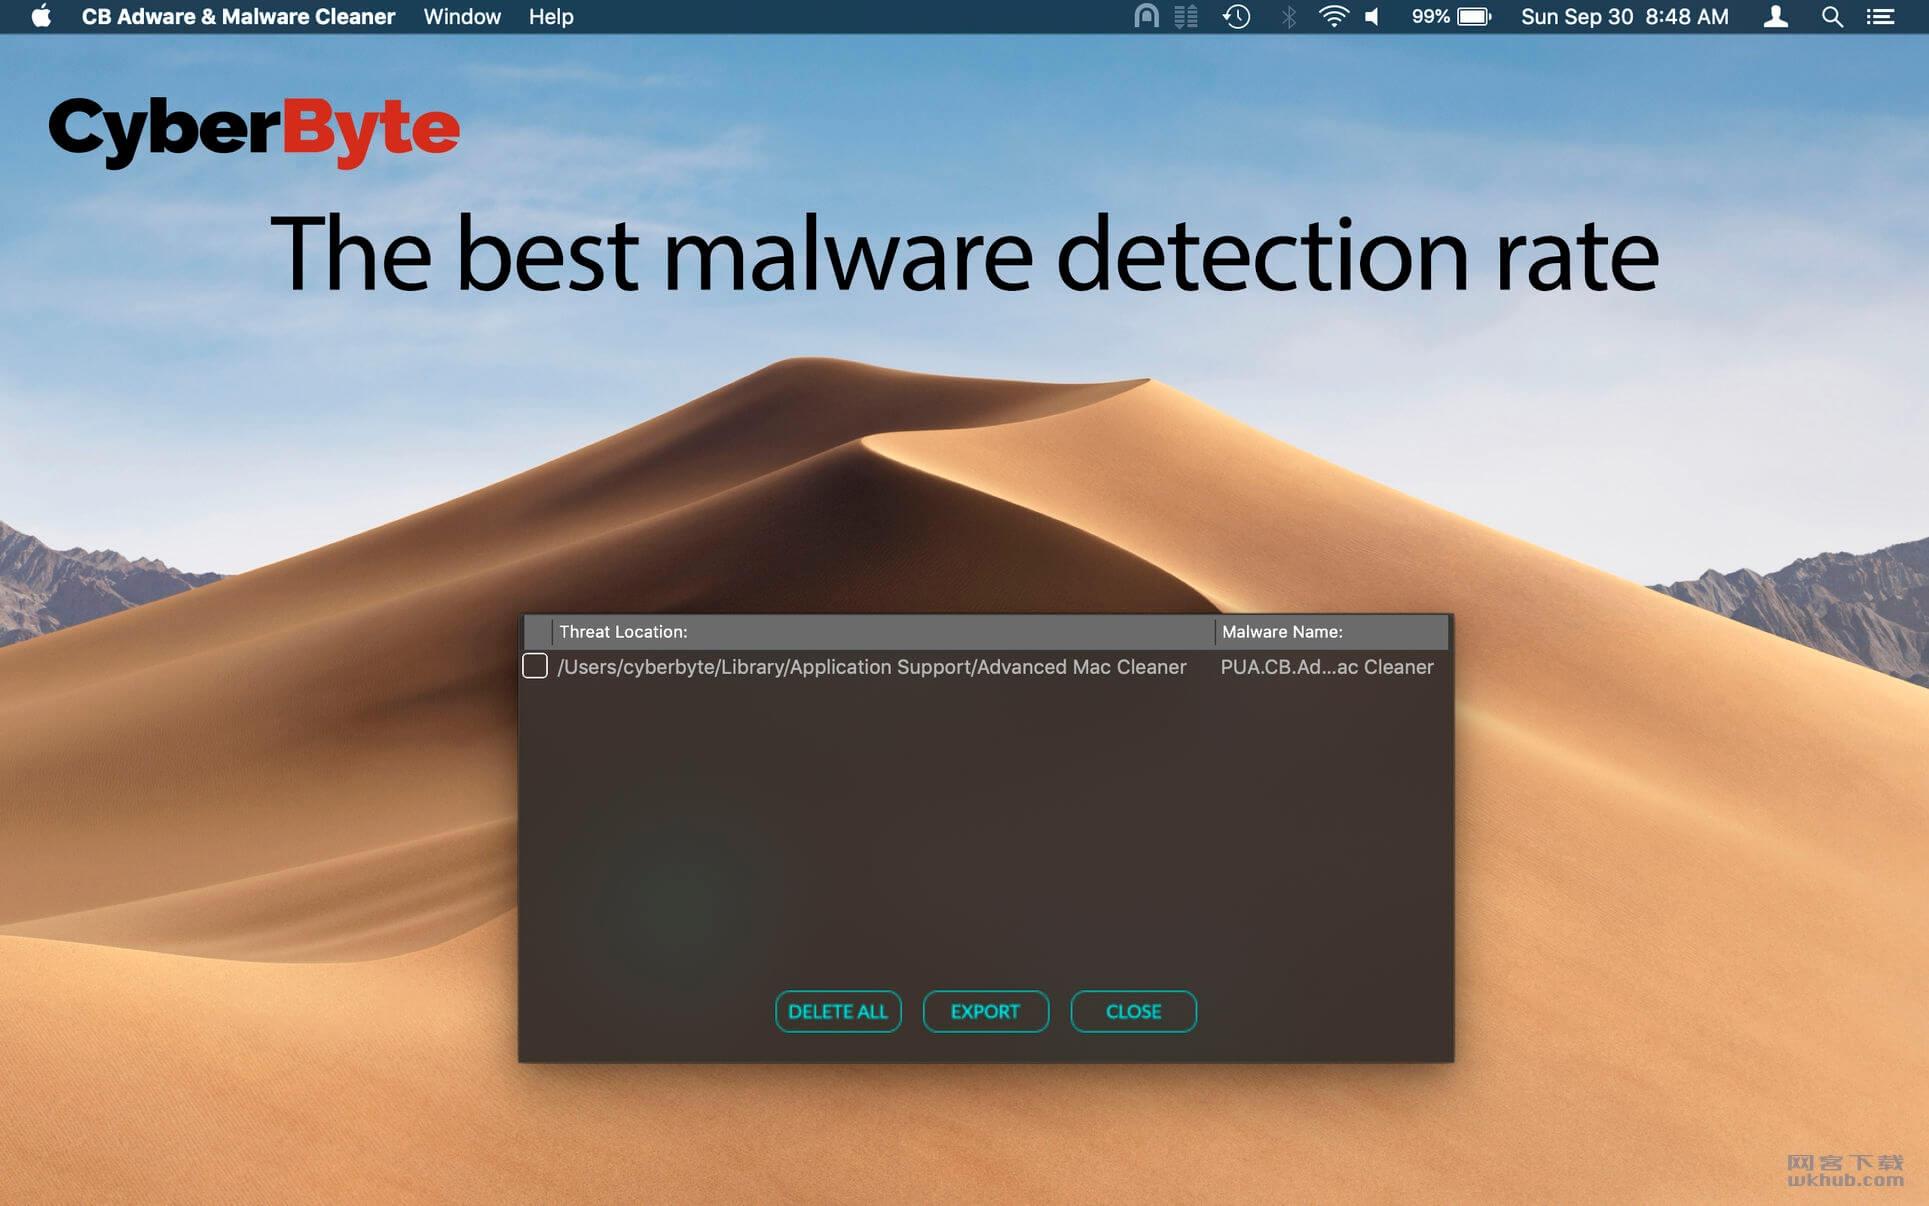 CB Adware & Malware Cleaner 1.0.4 广告软件和恶意软件清除程序